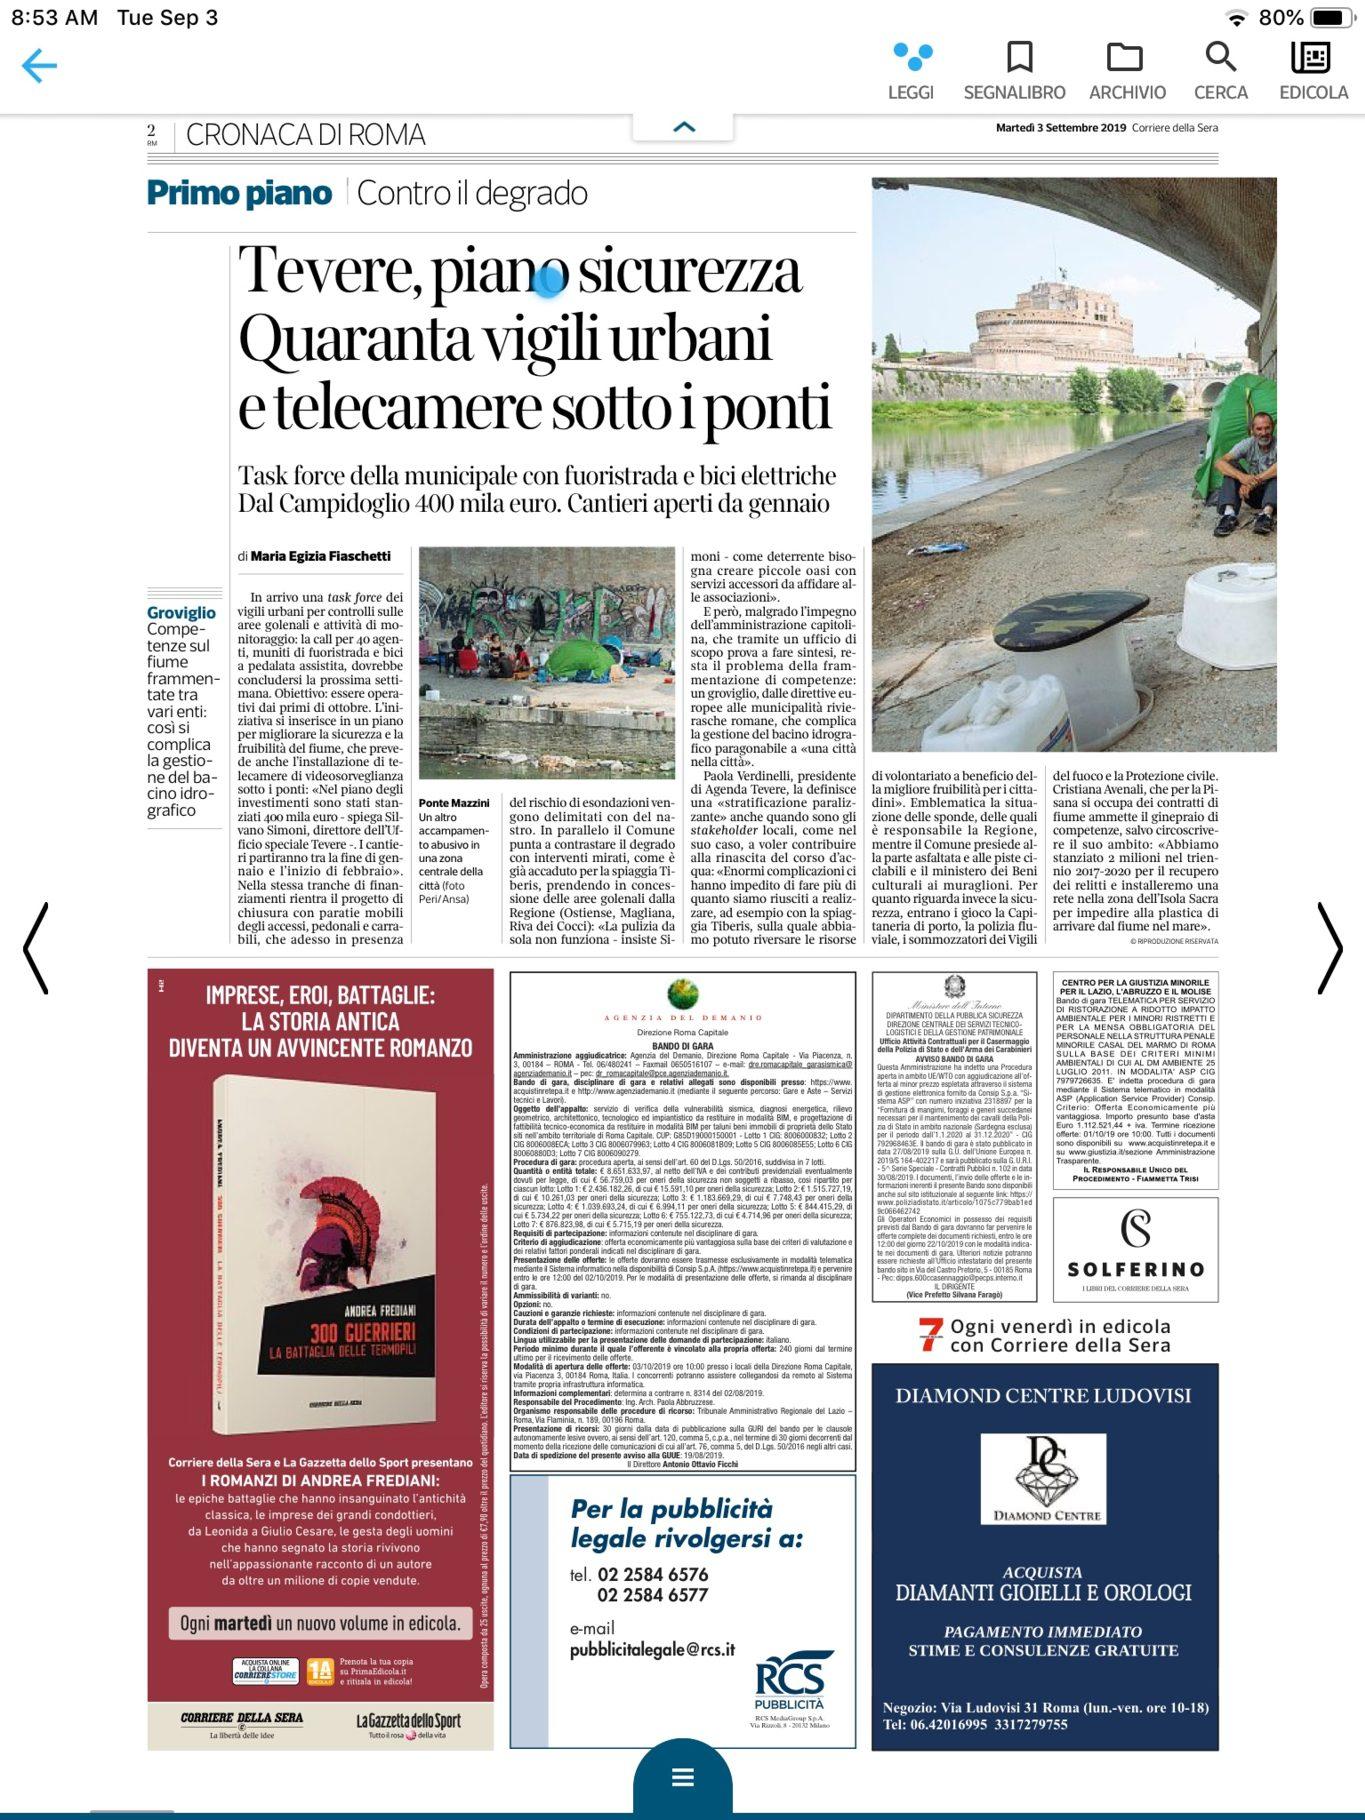 Corriere della Sera – Tevere, piano sicurezza. 40 vigili urbani e telecamere sotto i ponti